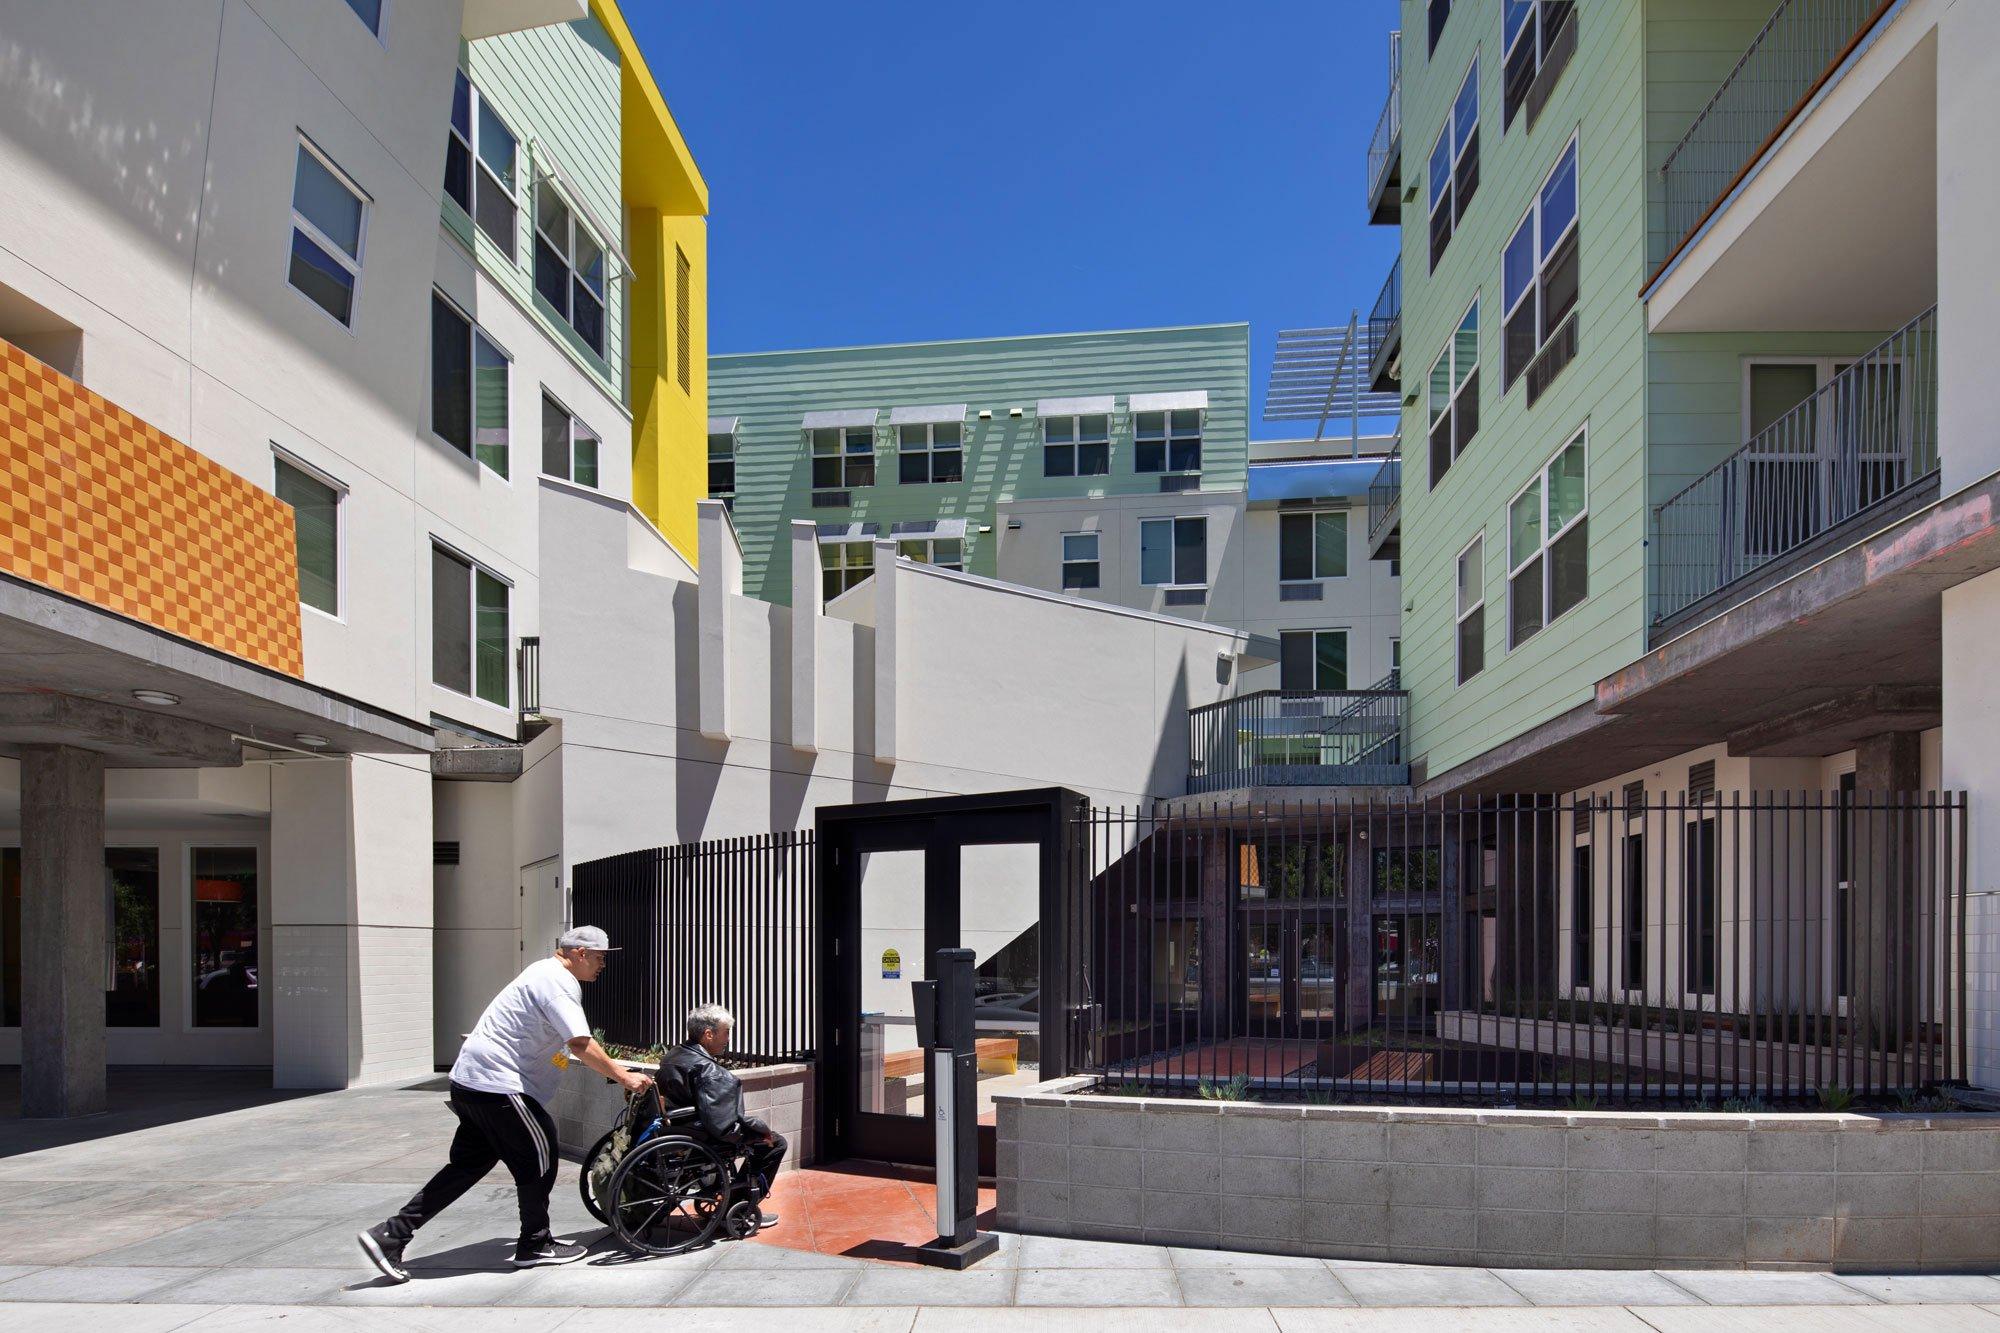 Second Street Studios-San Jose, CA-Lowney Architecture-3